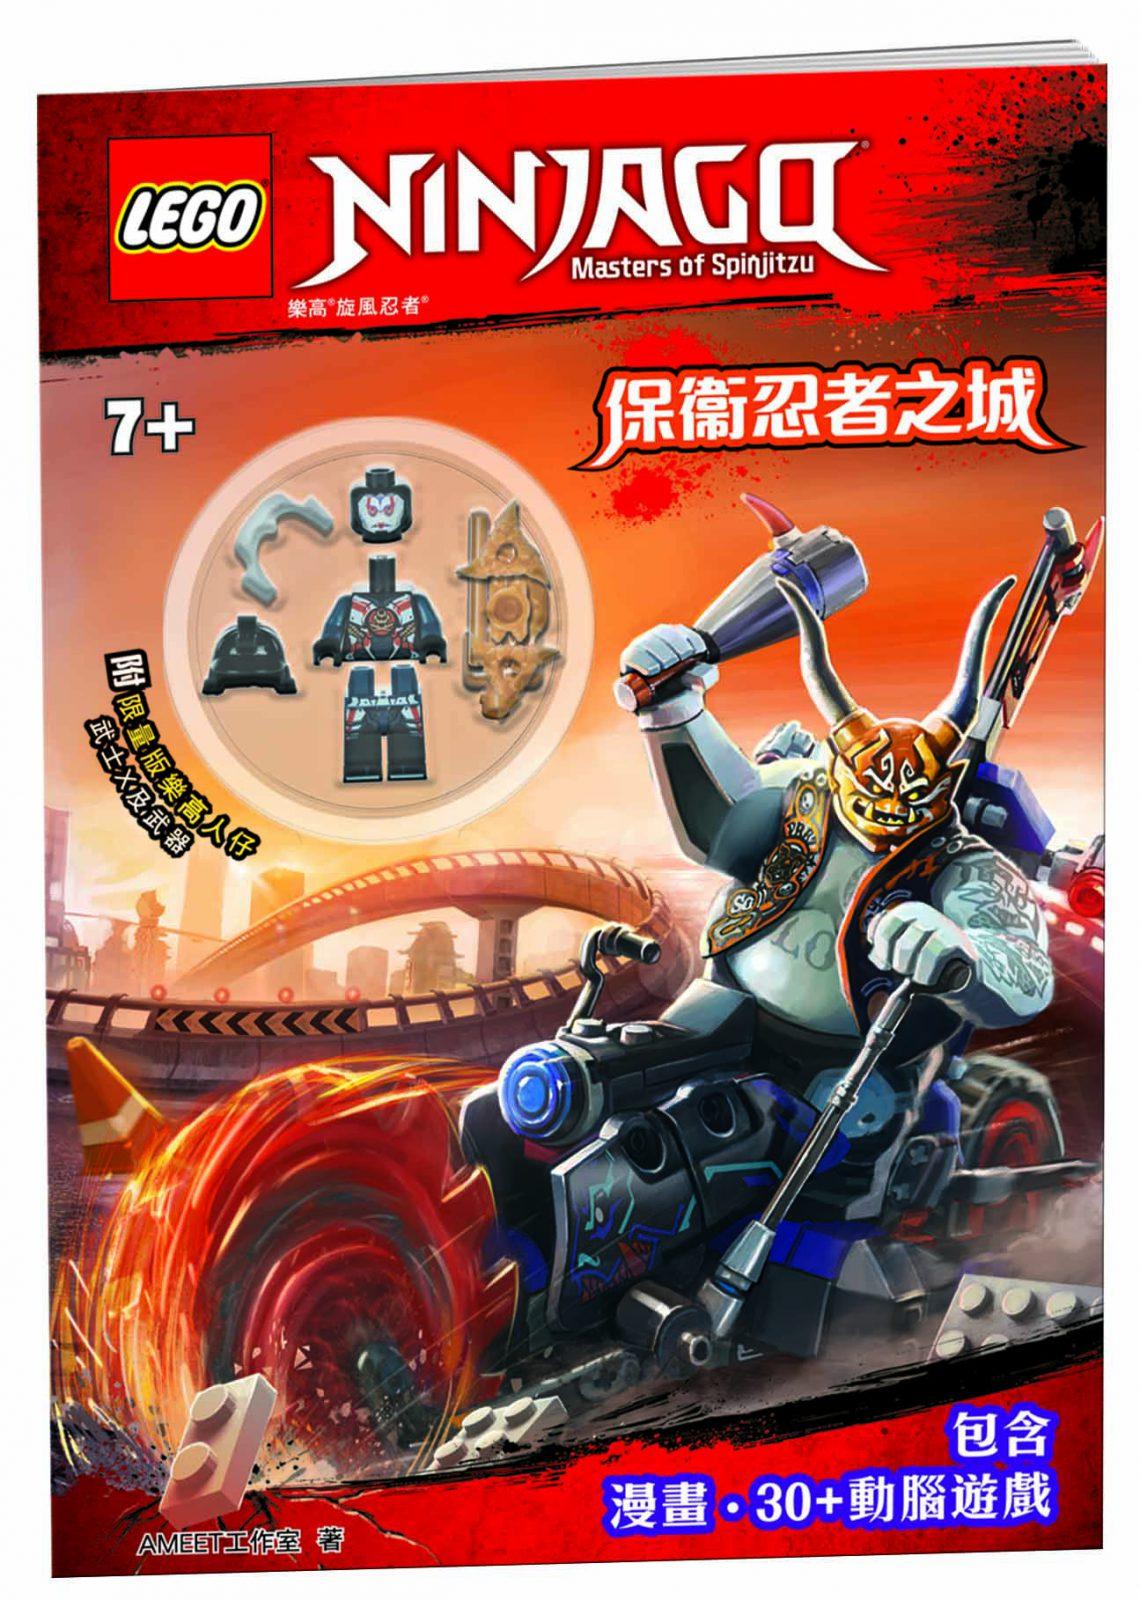 樂高®旋風忍者®:保衞忍者之城